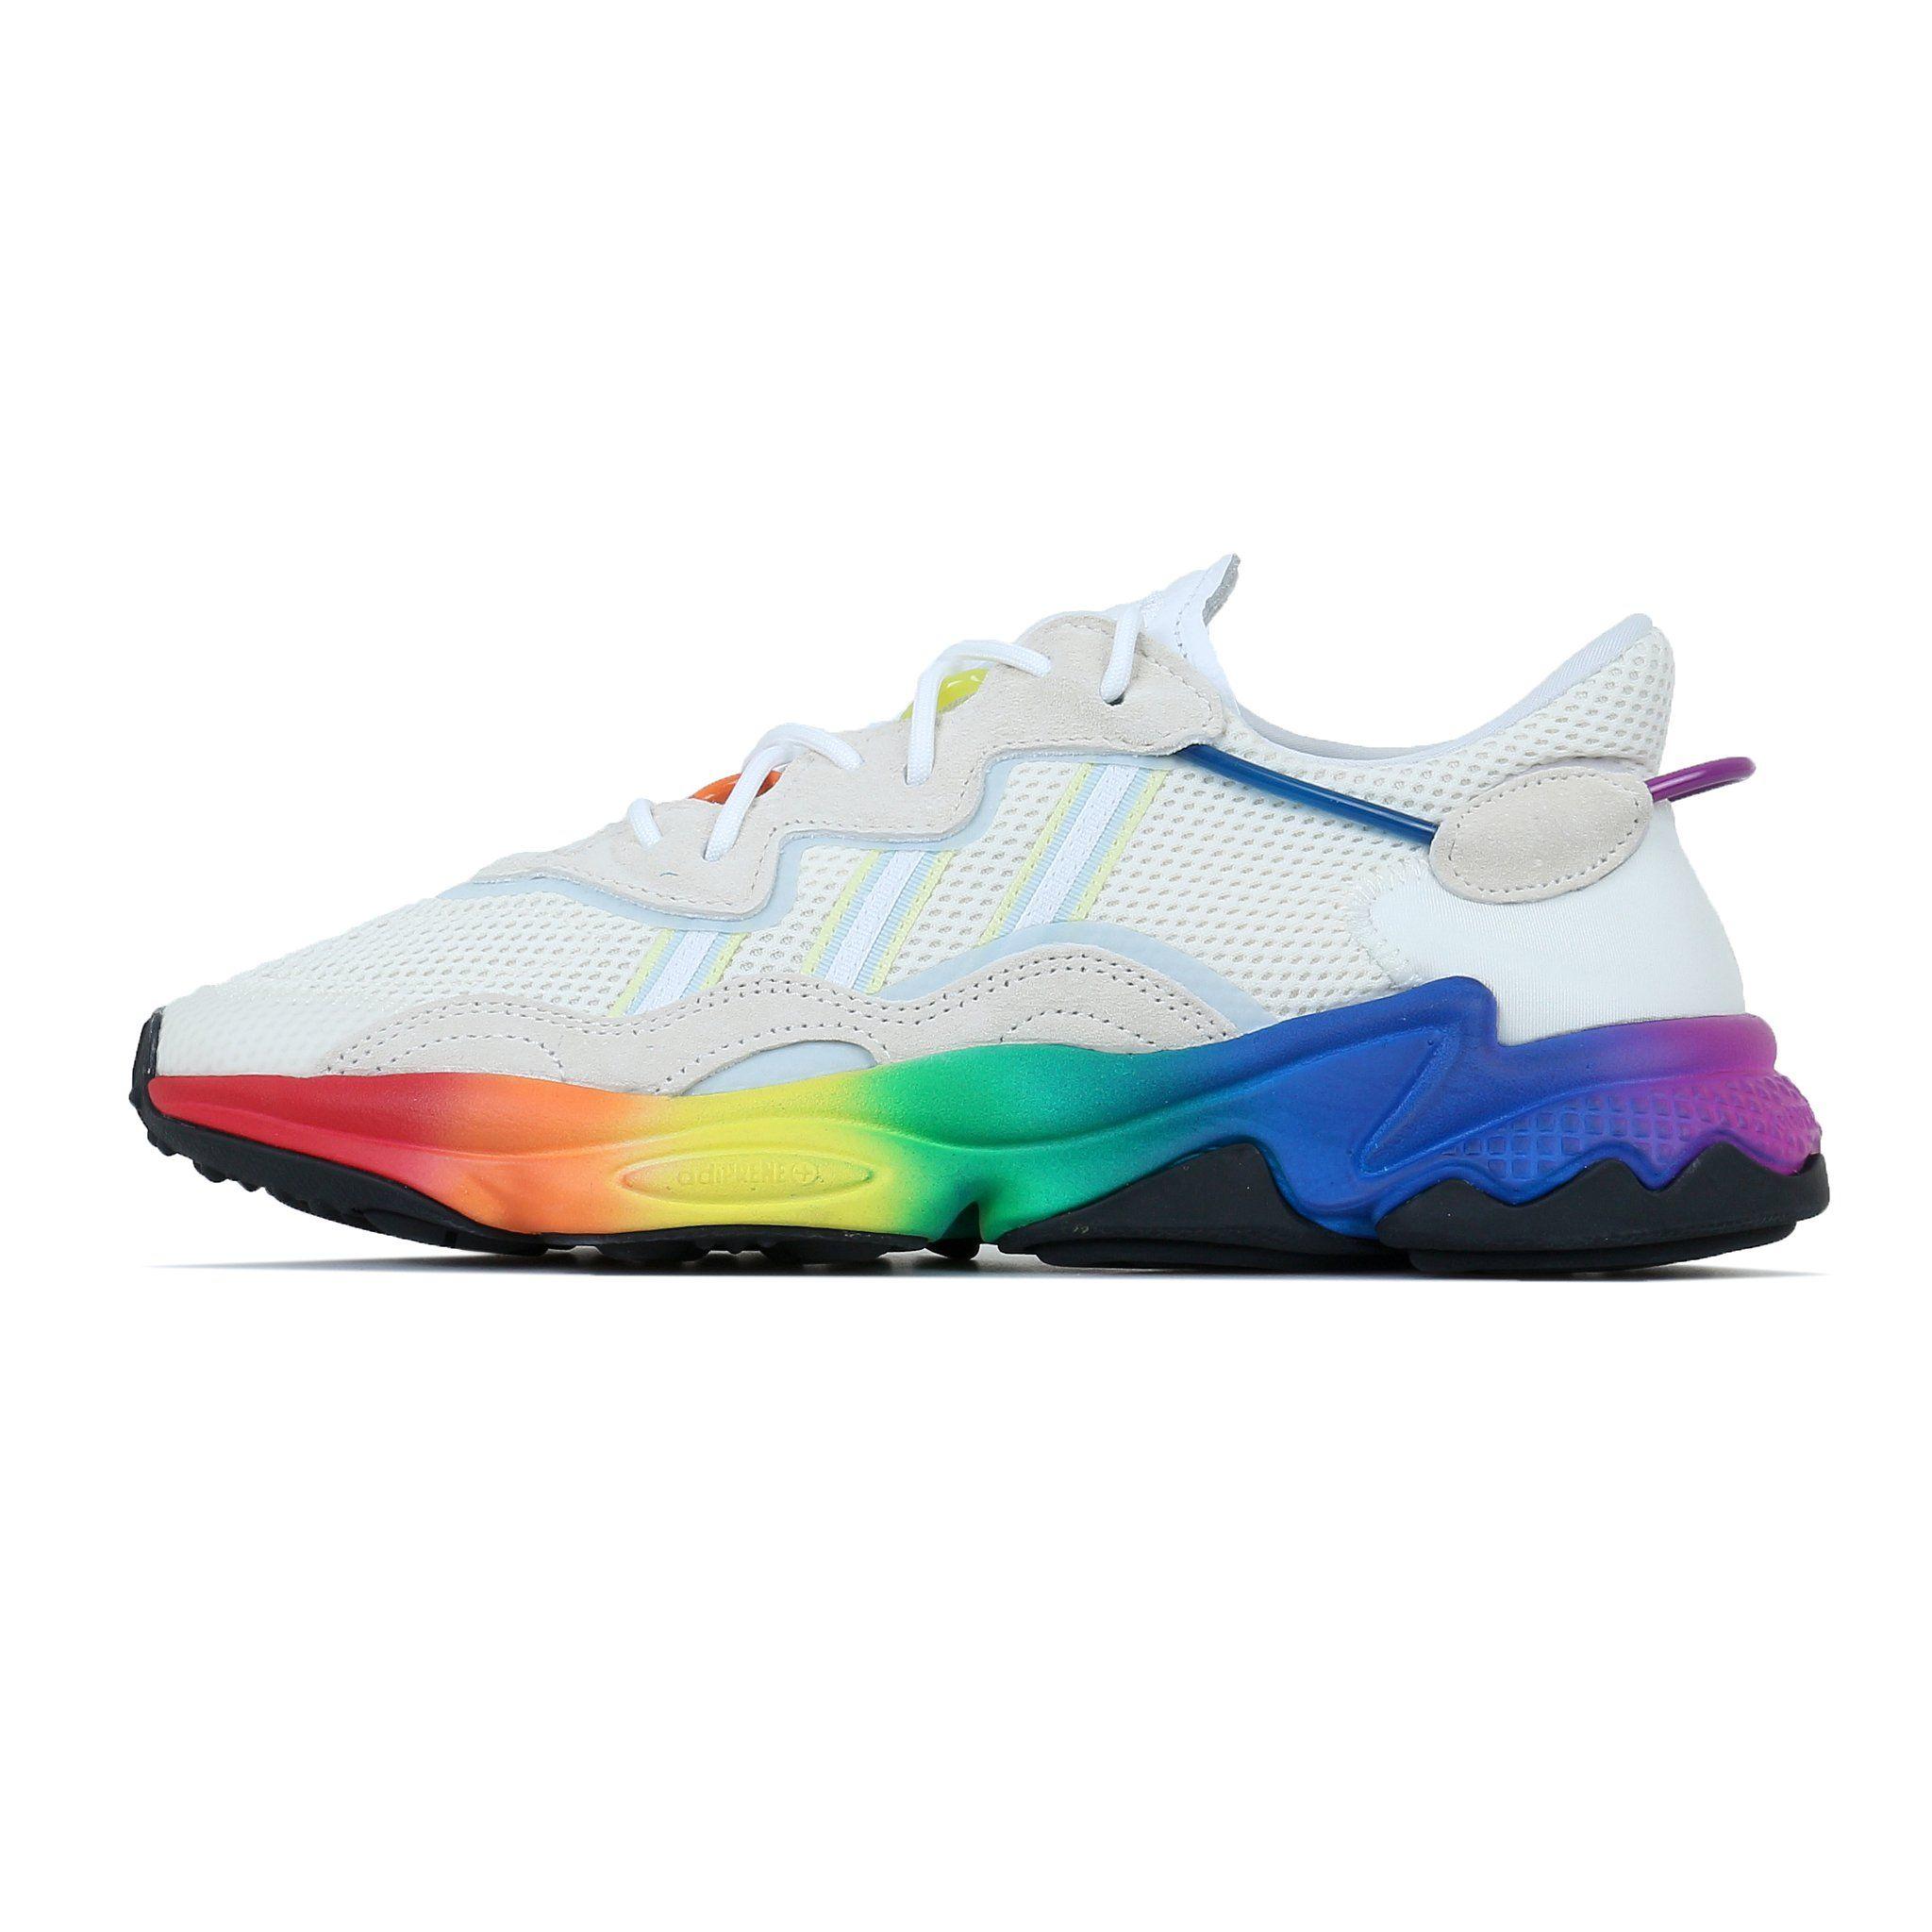 Adidas Originals Ozweego Pride - Off White / Blue Tint ...